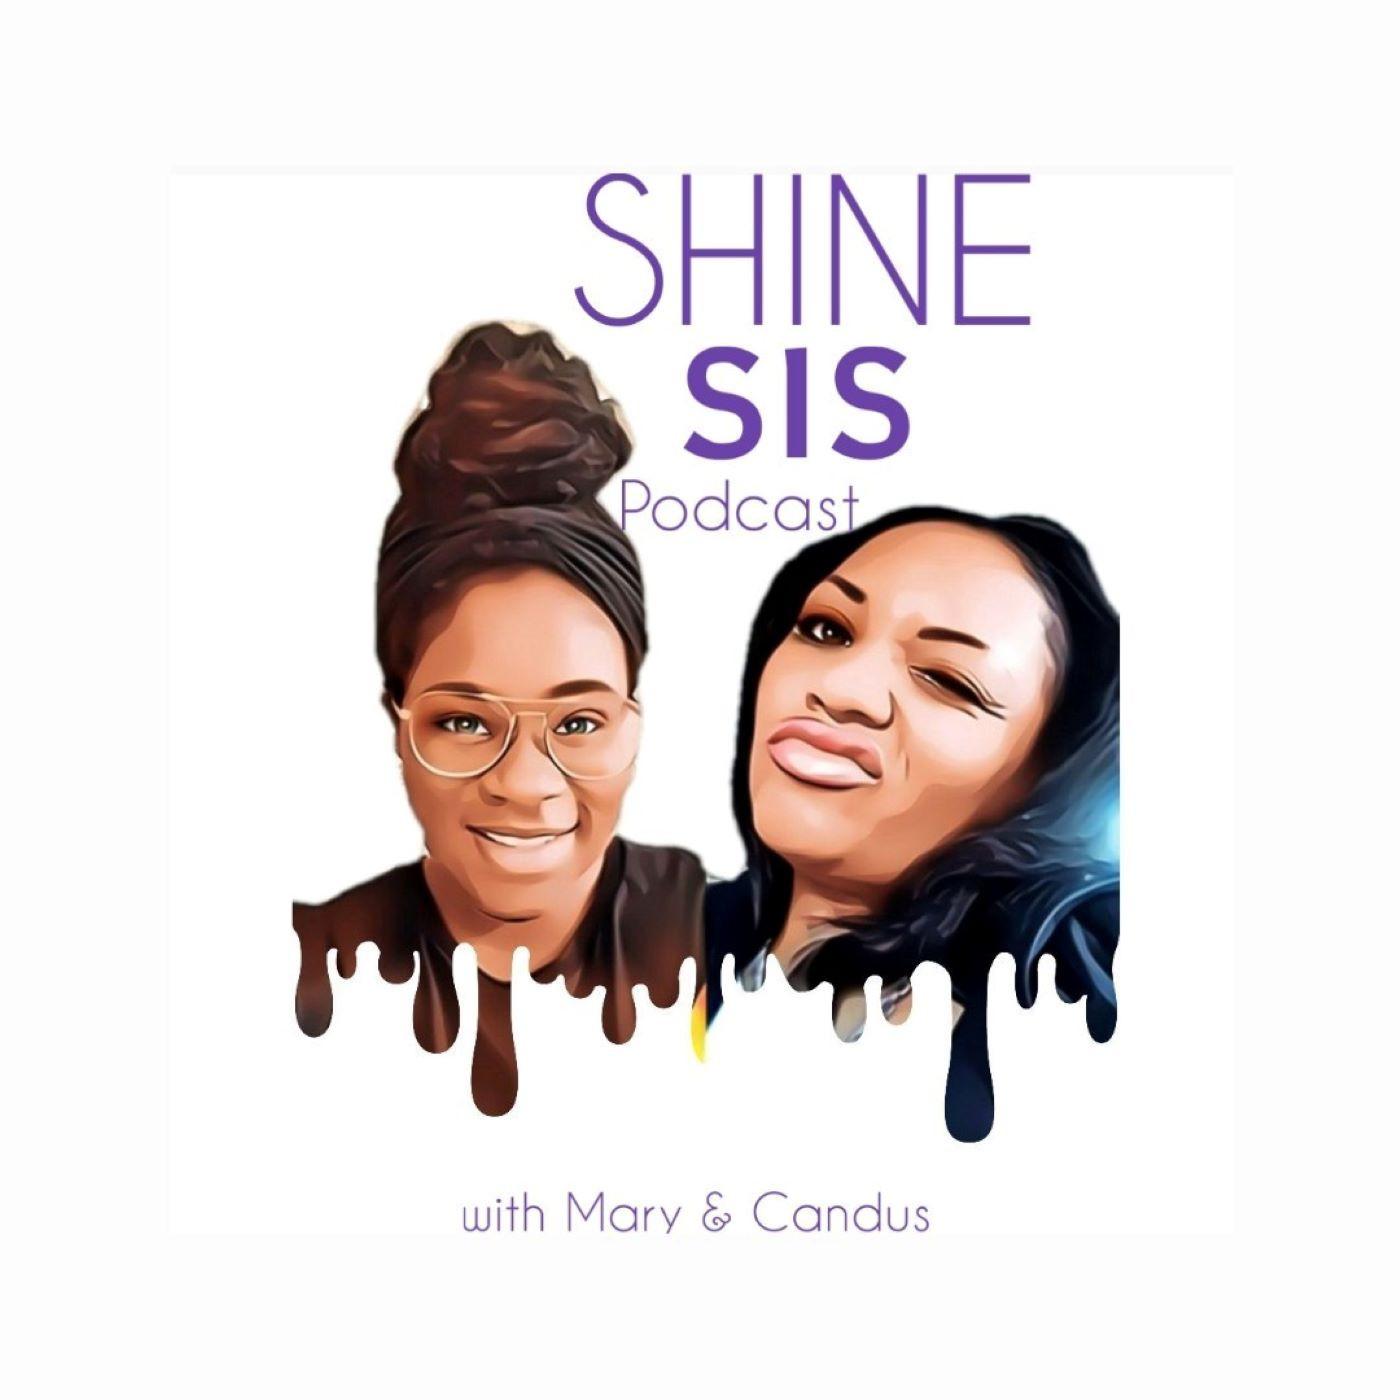 Shine Sis